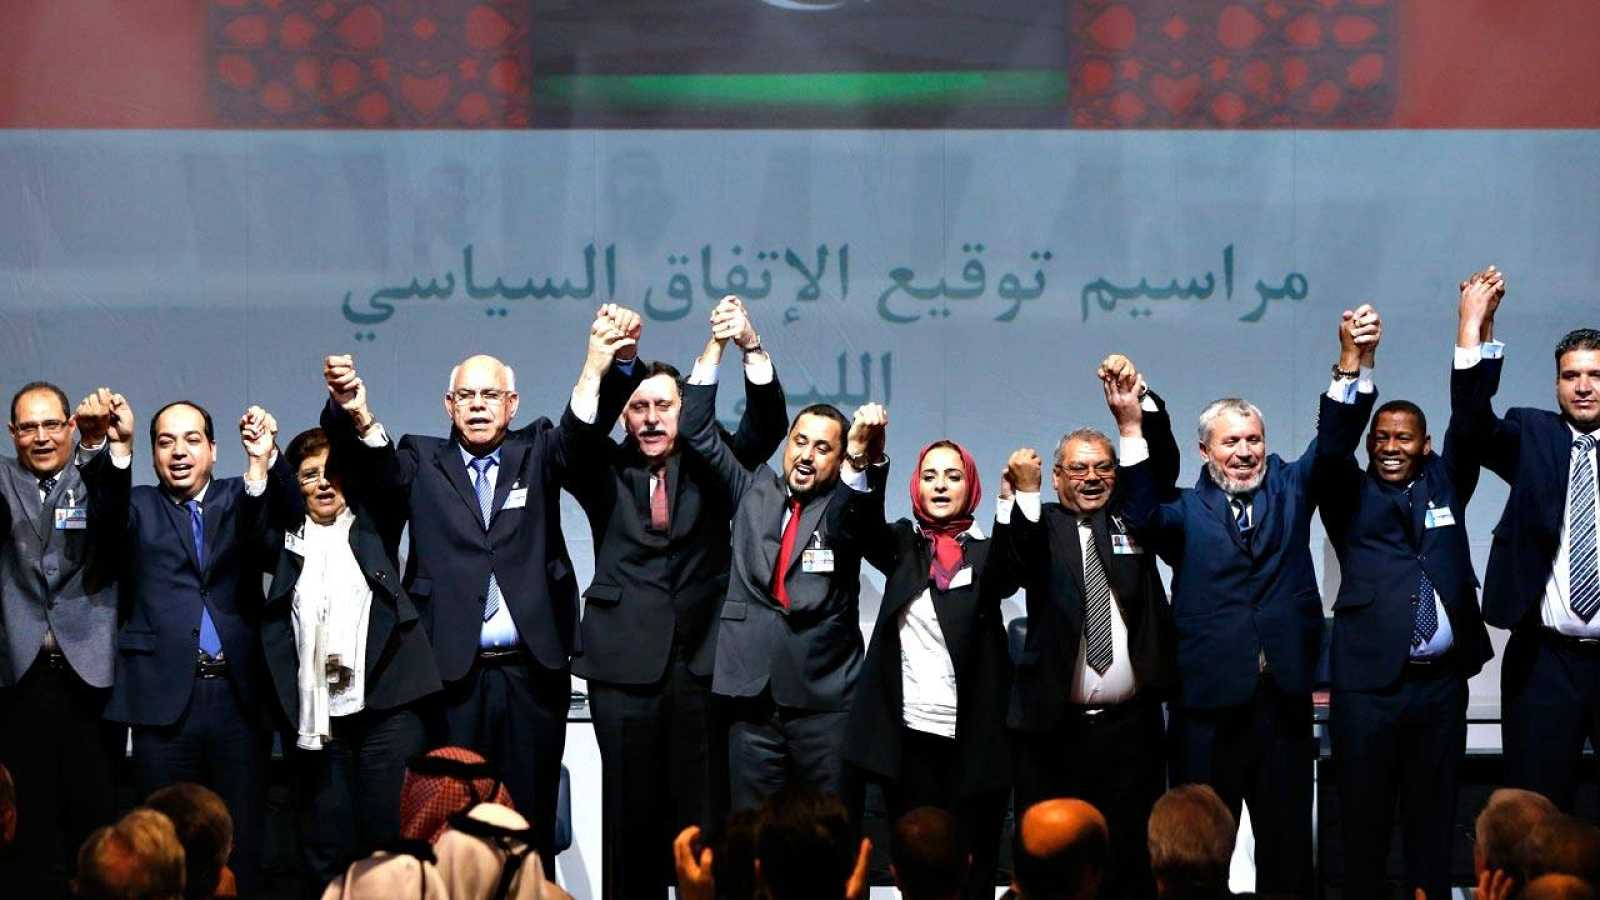 Firma en Marruecos del acuerdo para la constitución de un gobierno de unidad nacional en Libia, el pasado mes de diciembre